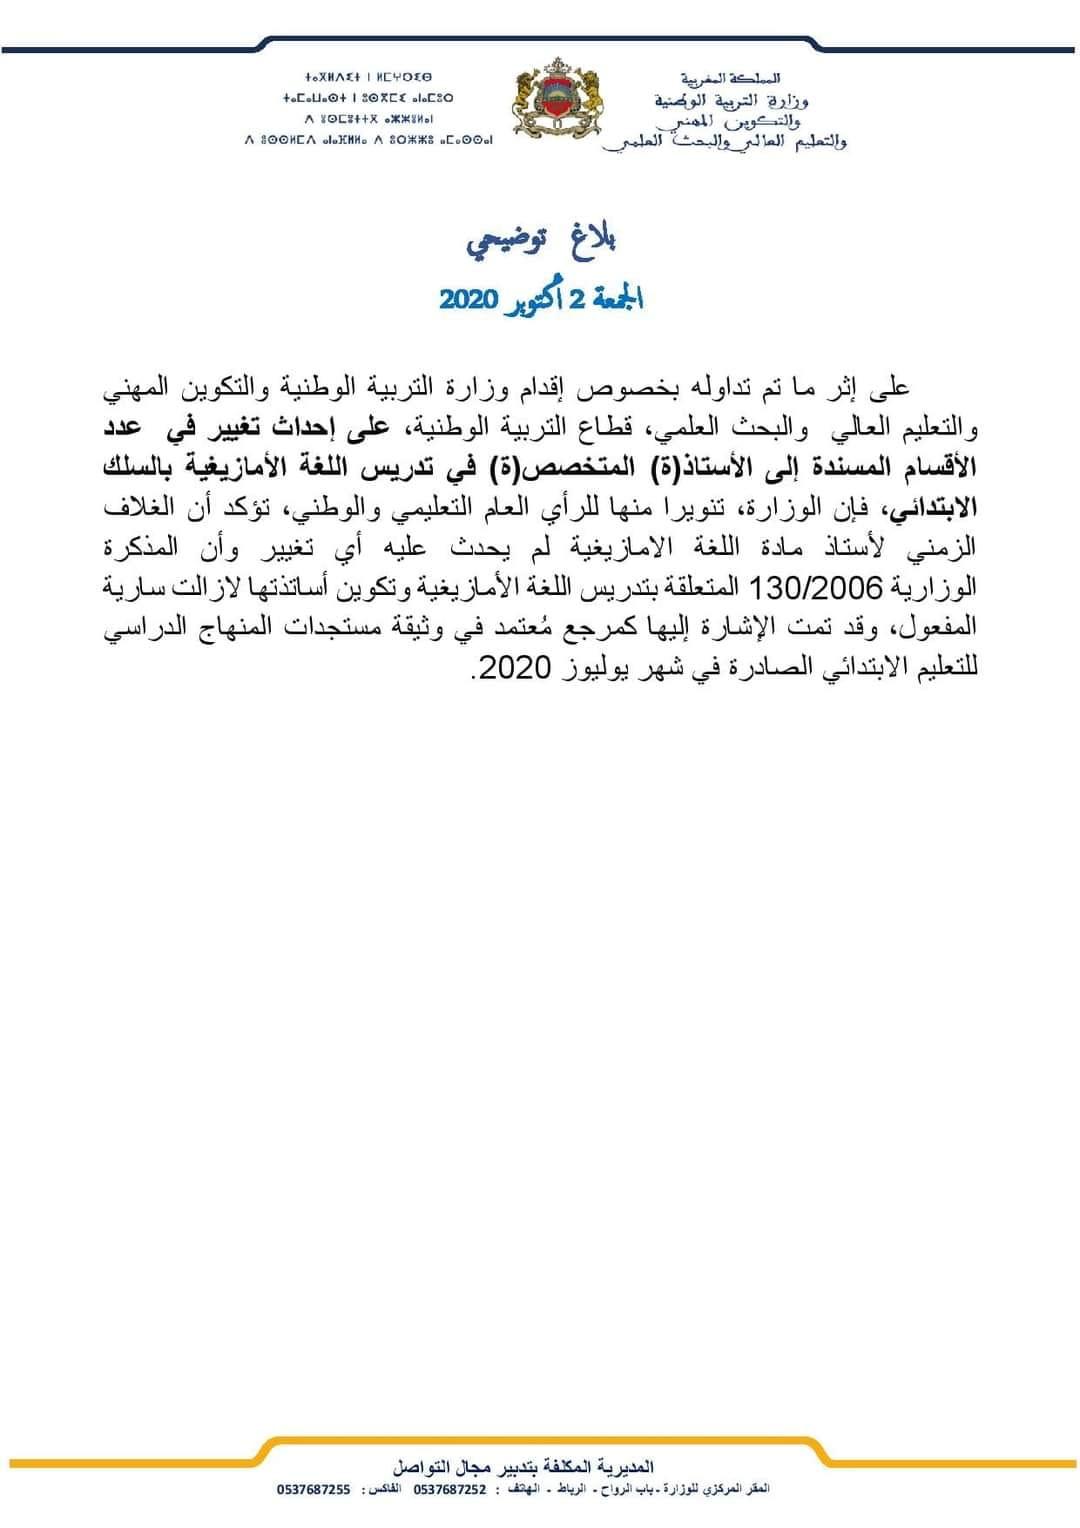 بلاغ توضيحي: بخصوص حصص اساتذة مادة اللغة الأمازيغية